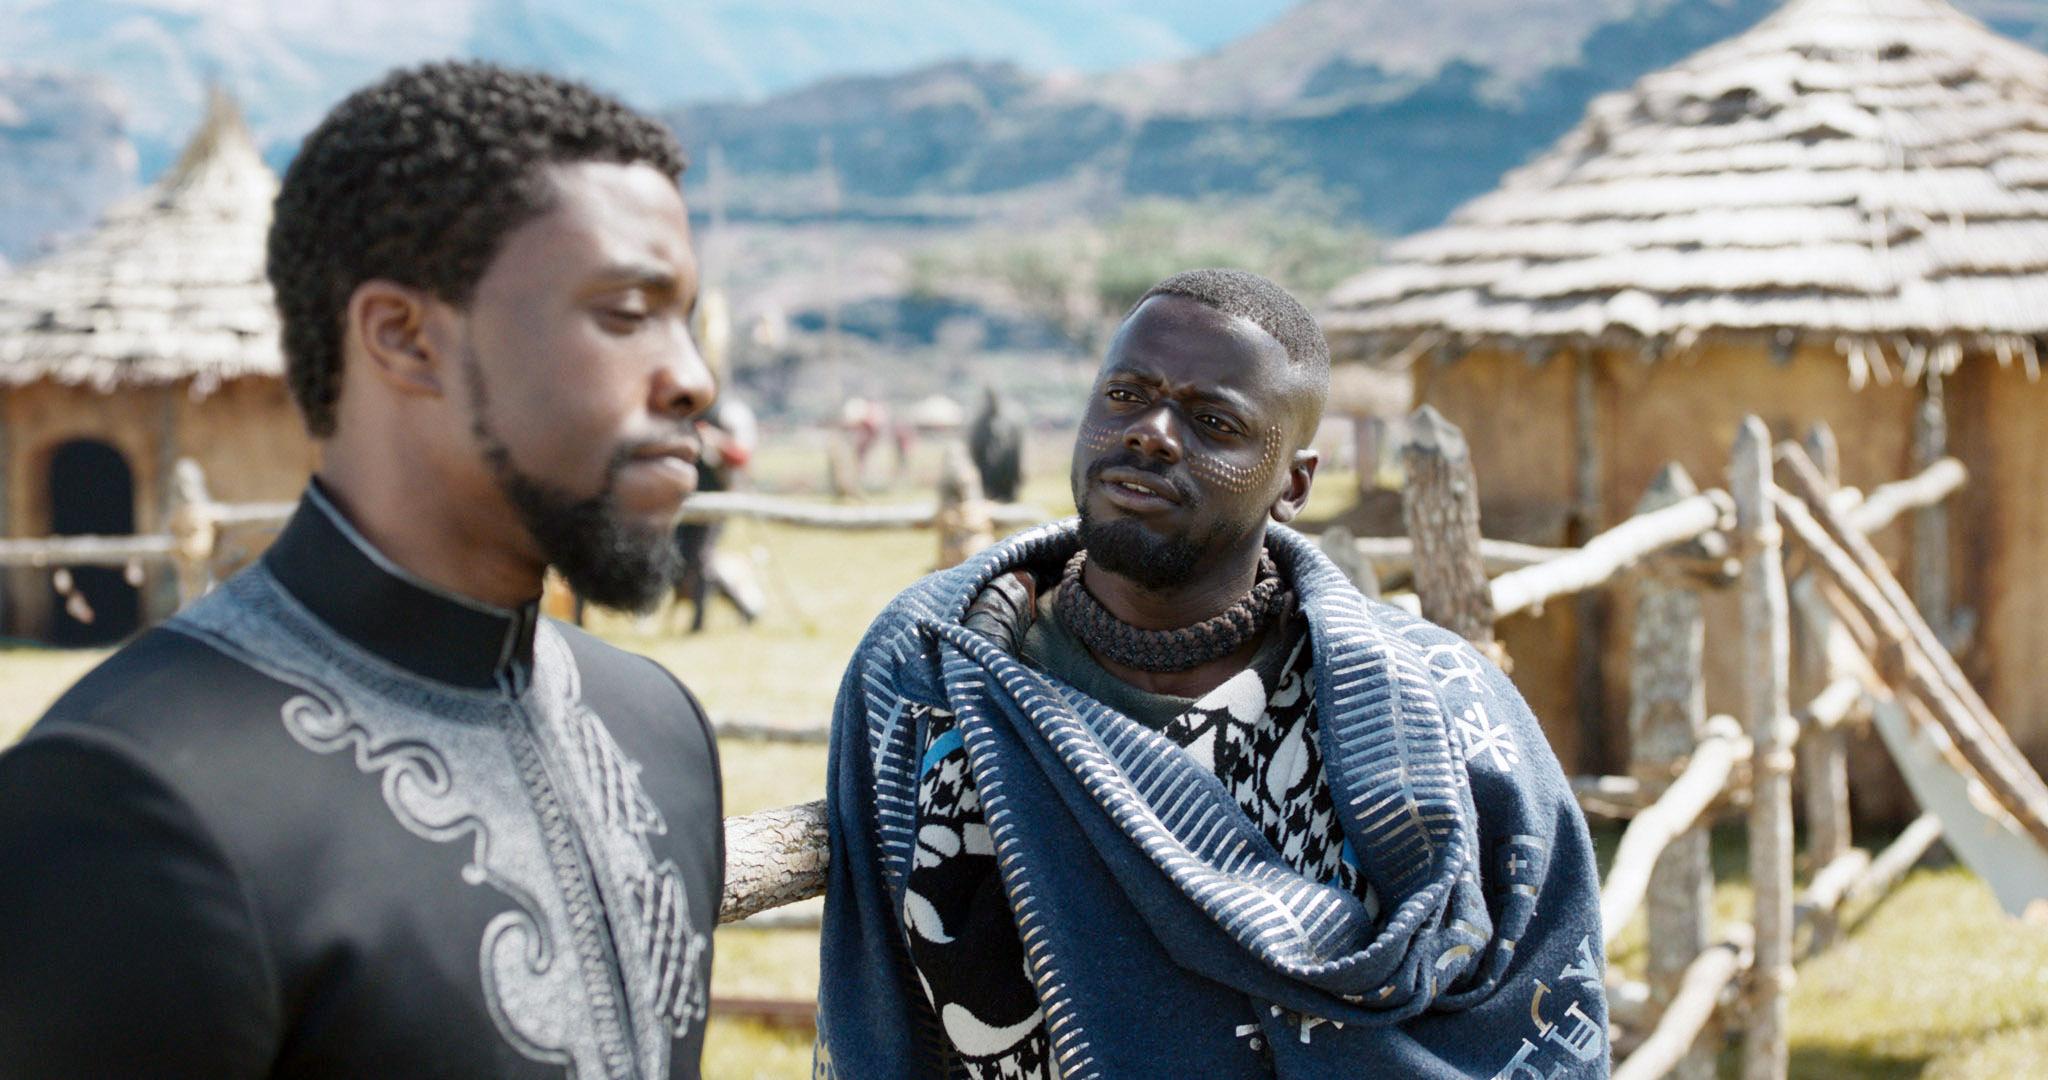 BLACK PANTHER, Daniel Kaluuya, Chadwick Boseman